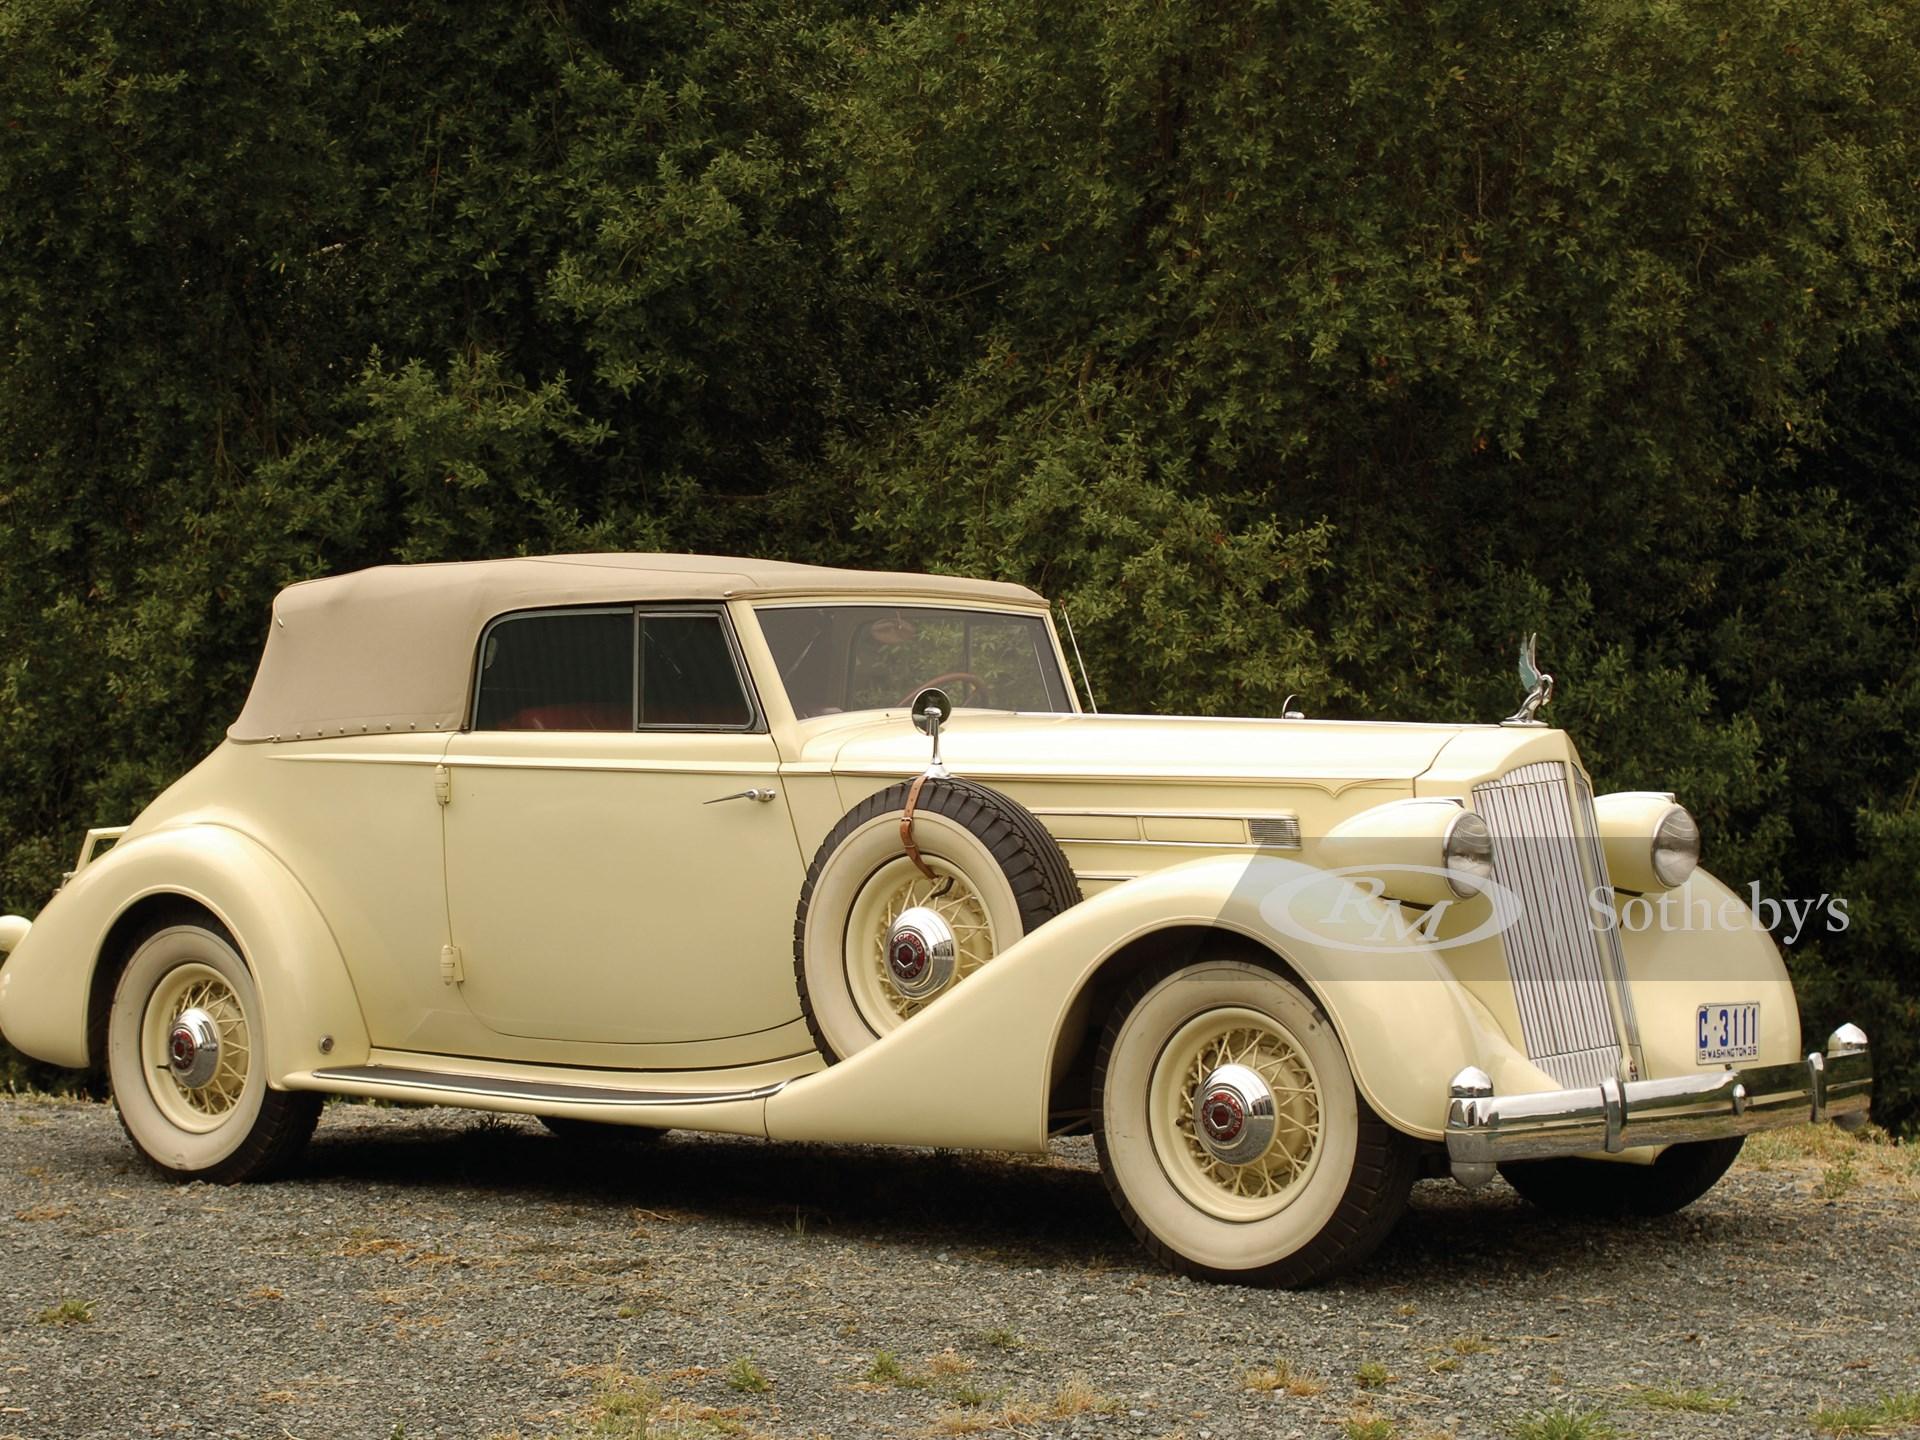 1936 Packard Twelve Convertible Victoria